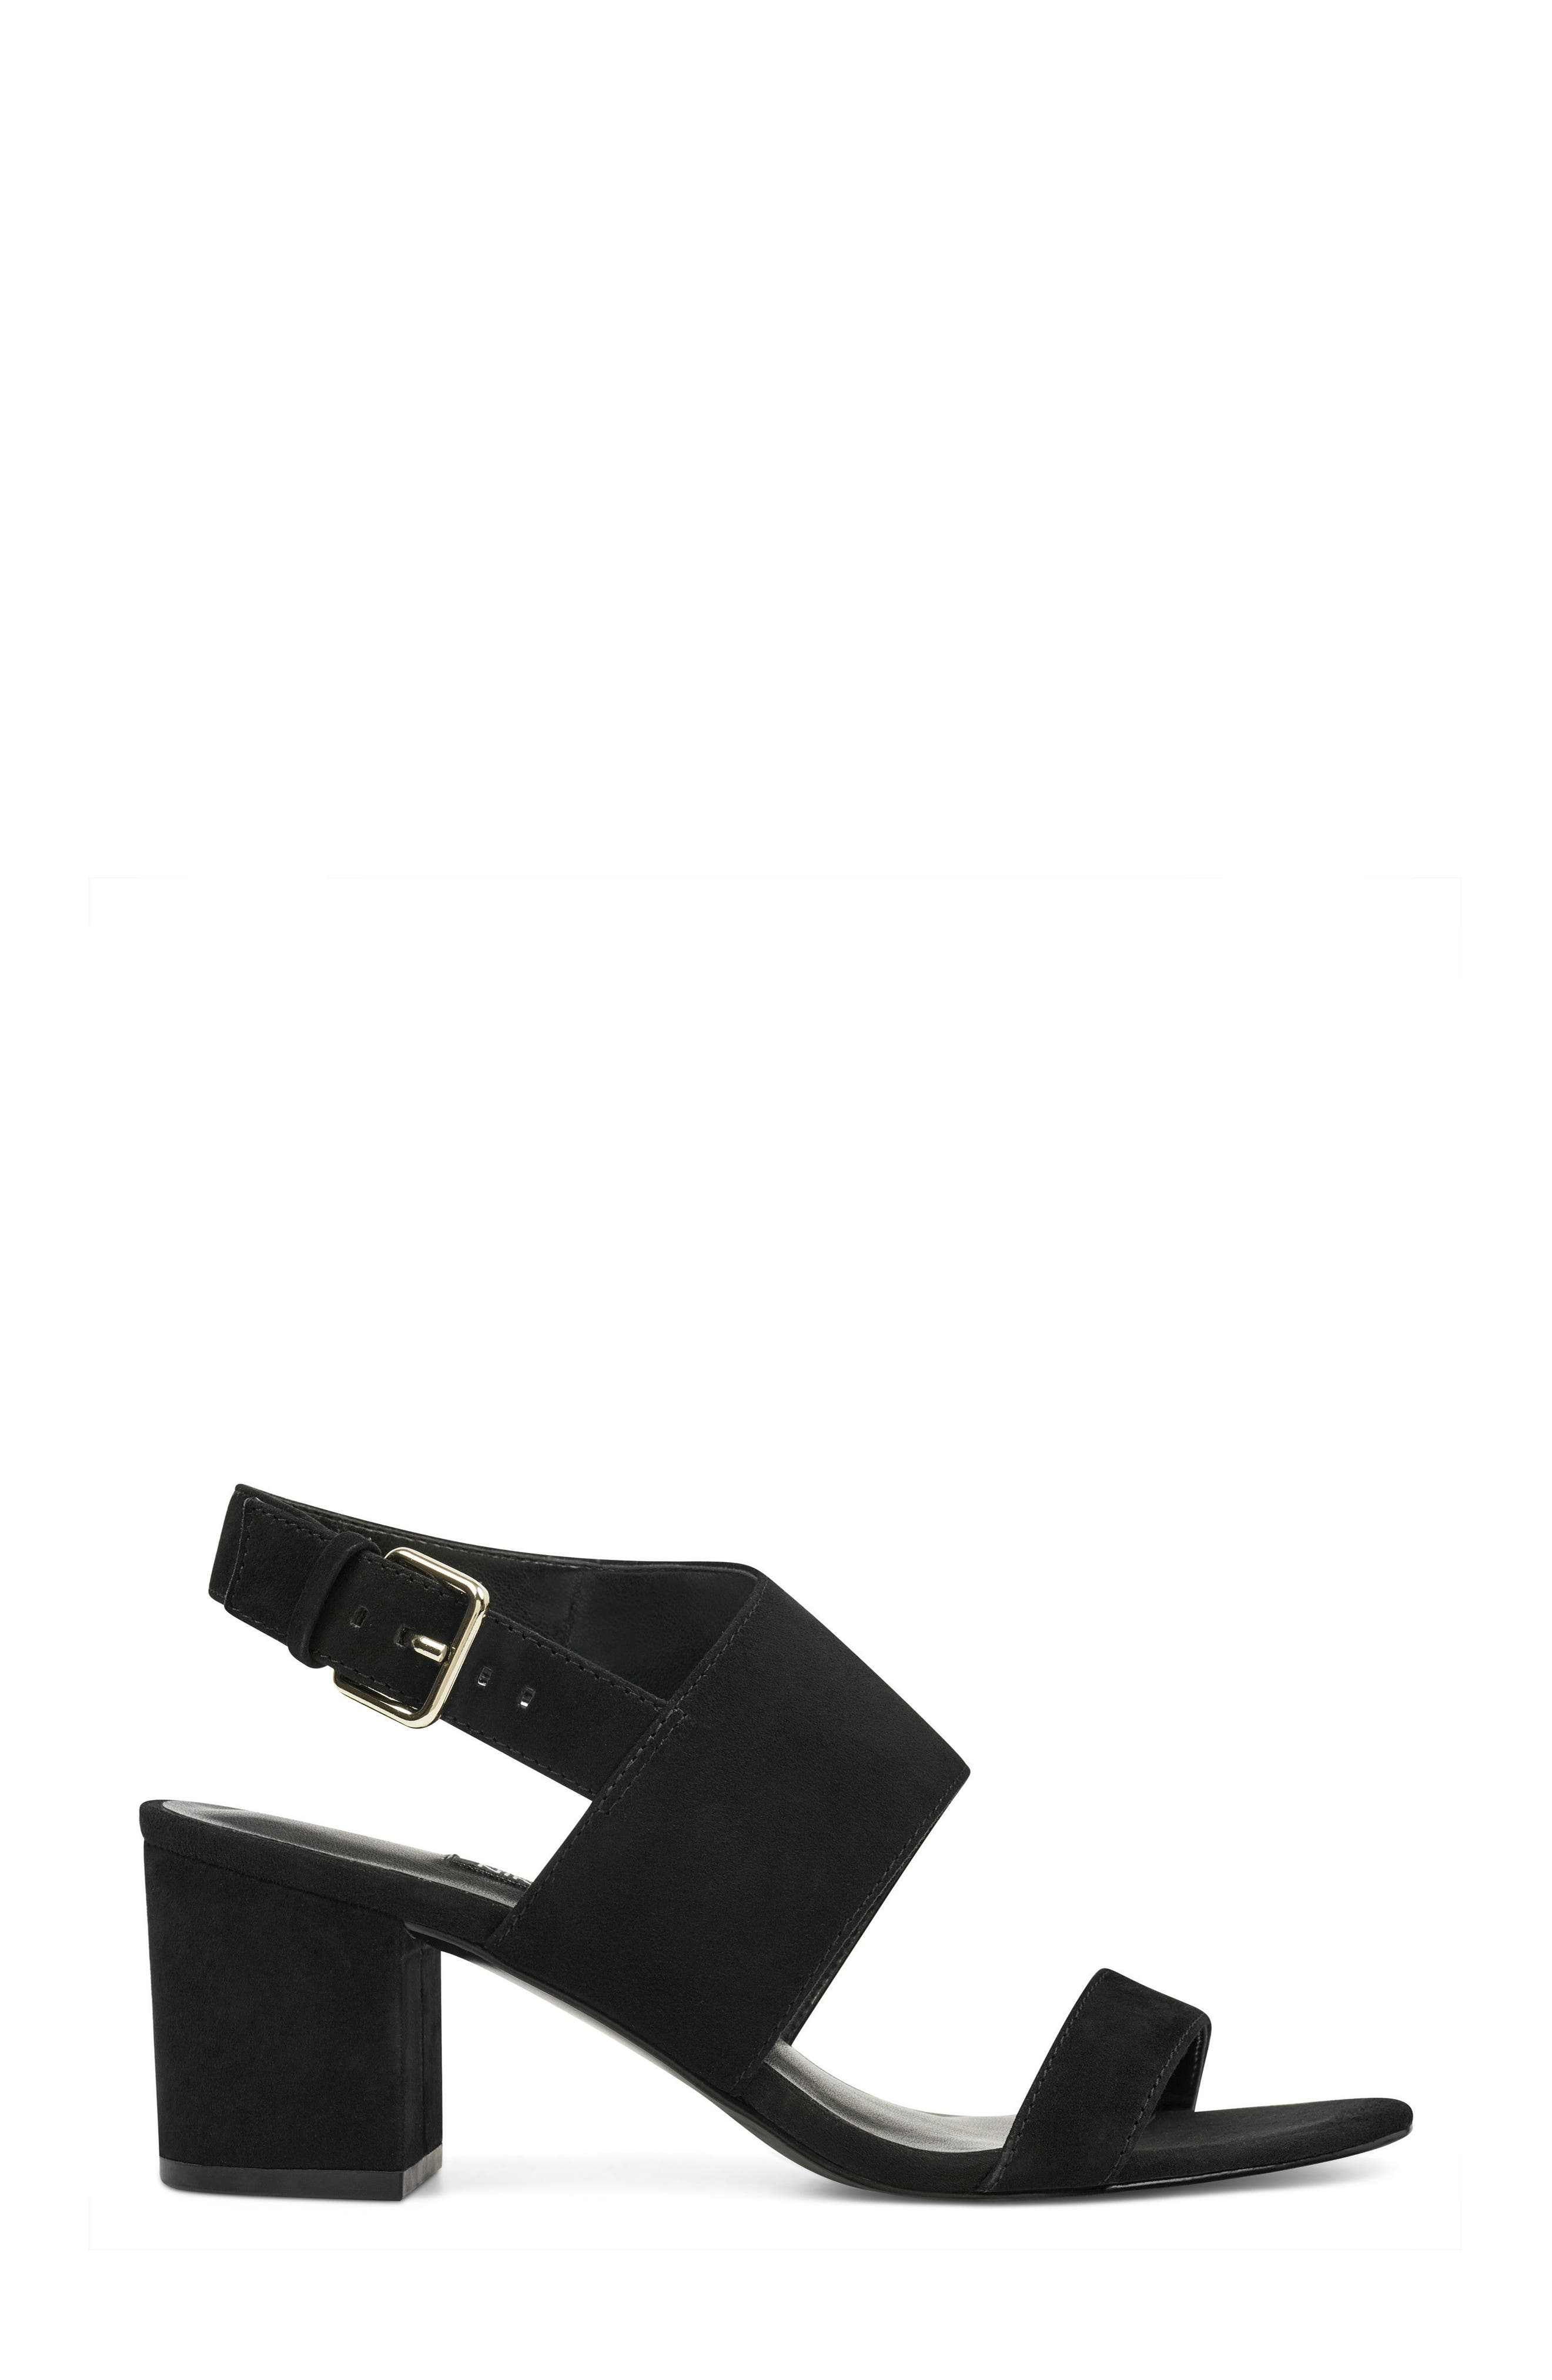 Forli Asymmetrical Sandal,                             Alternate thumbnail 3, color,                             001